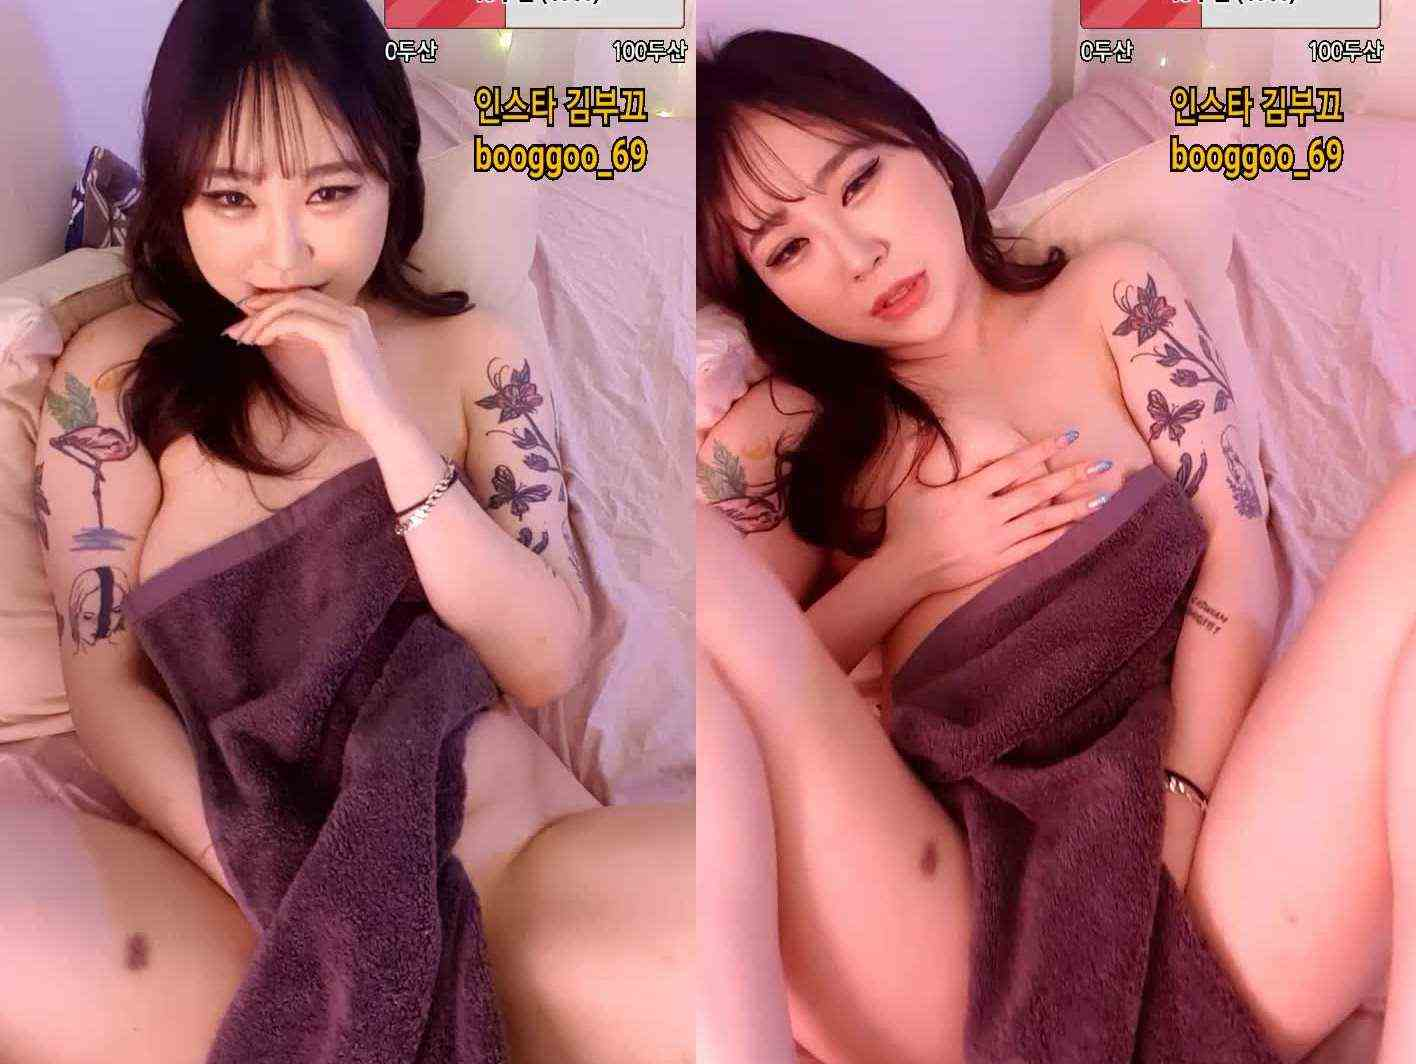 韩国主播韩雅菊qkddnf0713202104091编号46756